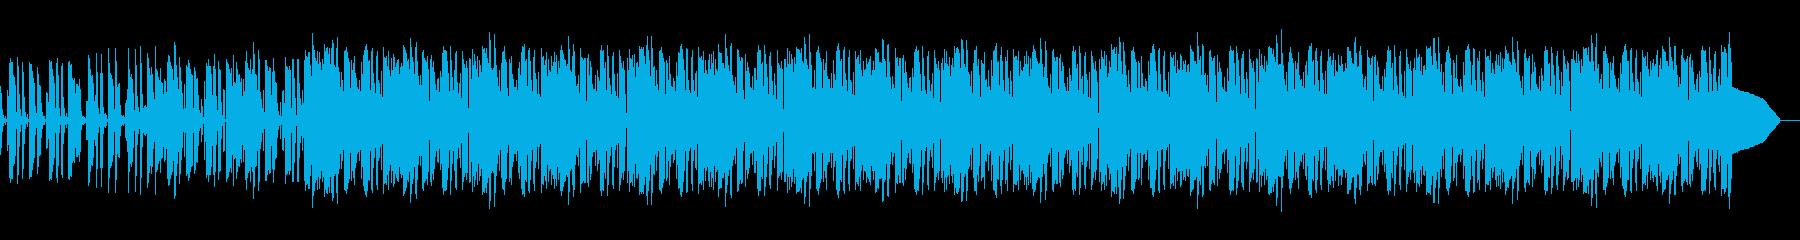 VPテイストなエレクトロジャズの再生済みの波形